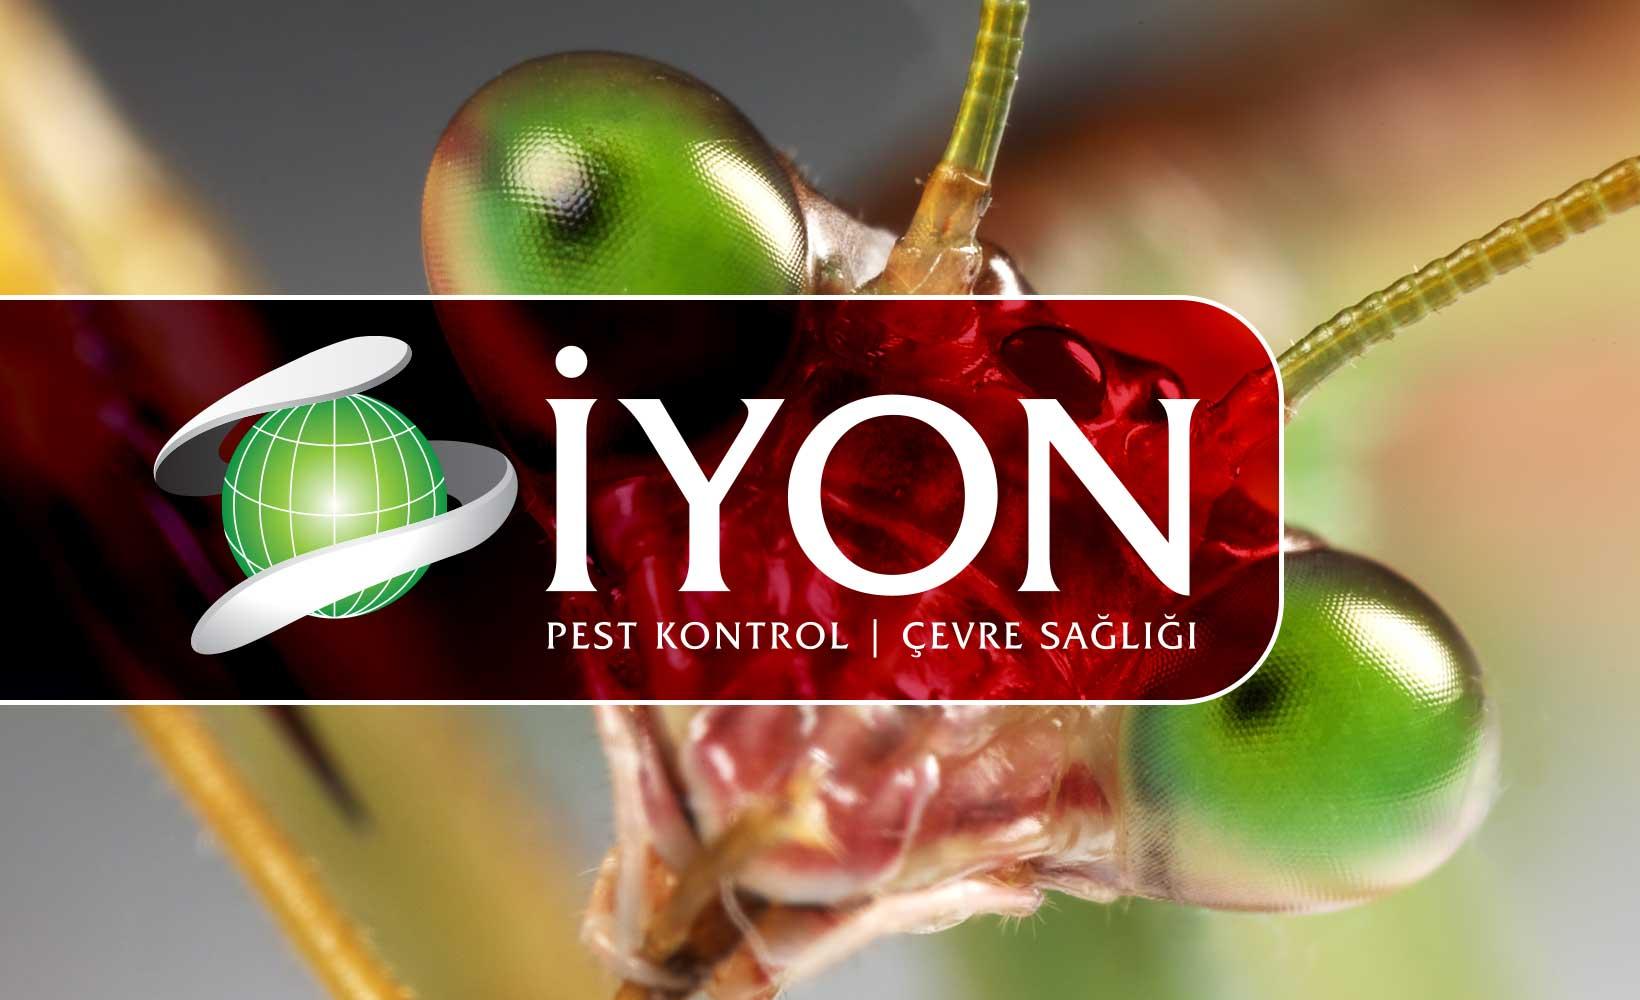 İyon Böcek İlaçlama, Pest Kontrol ve Çevre Sağlığı